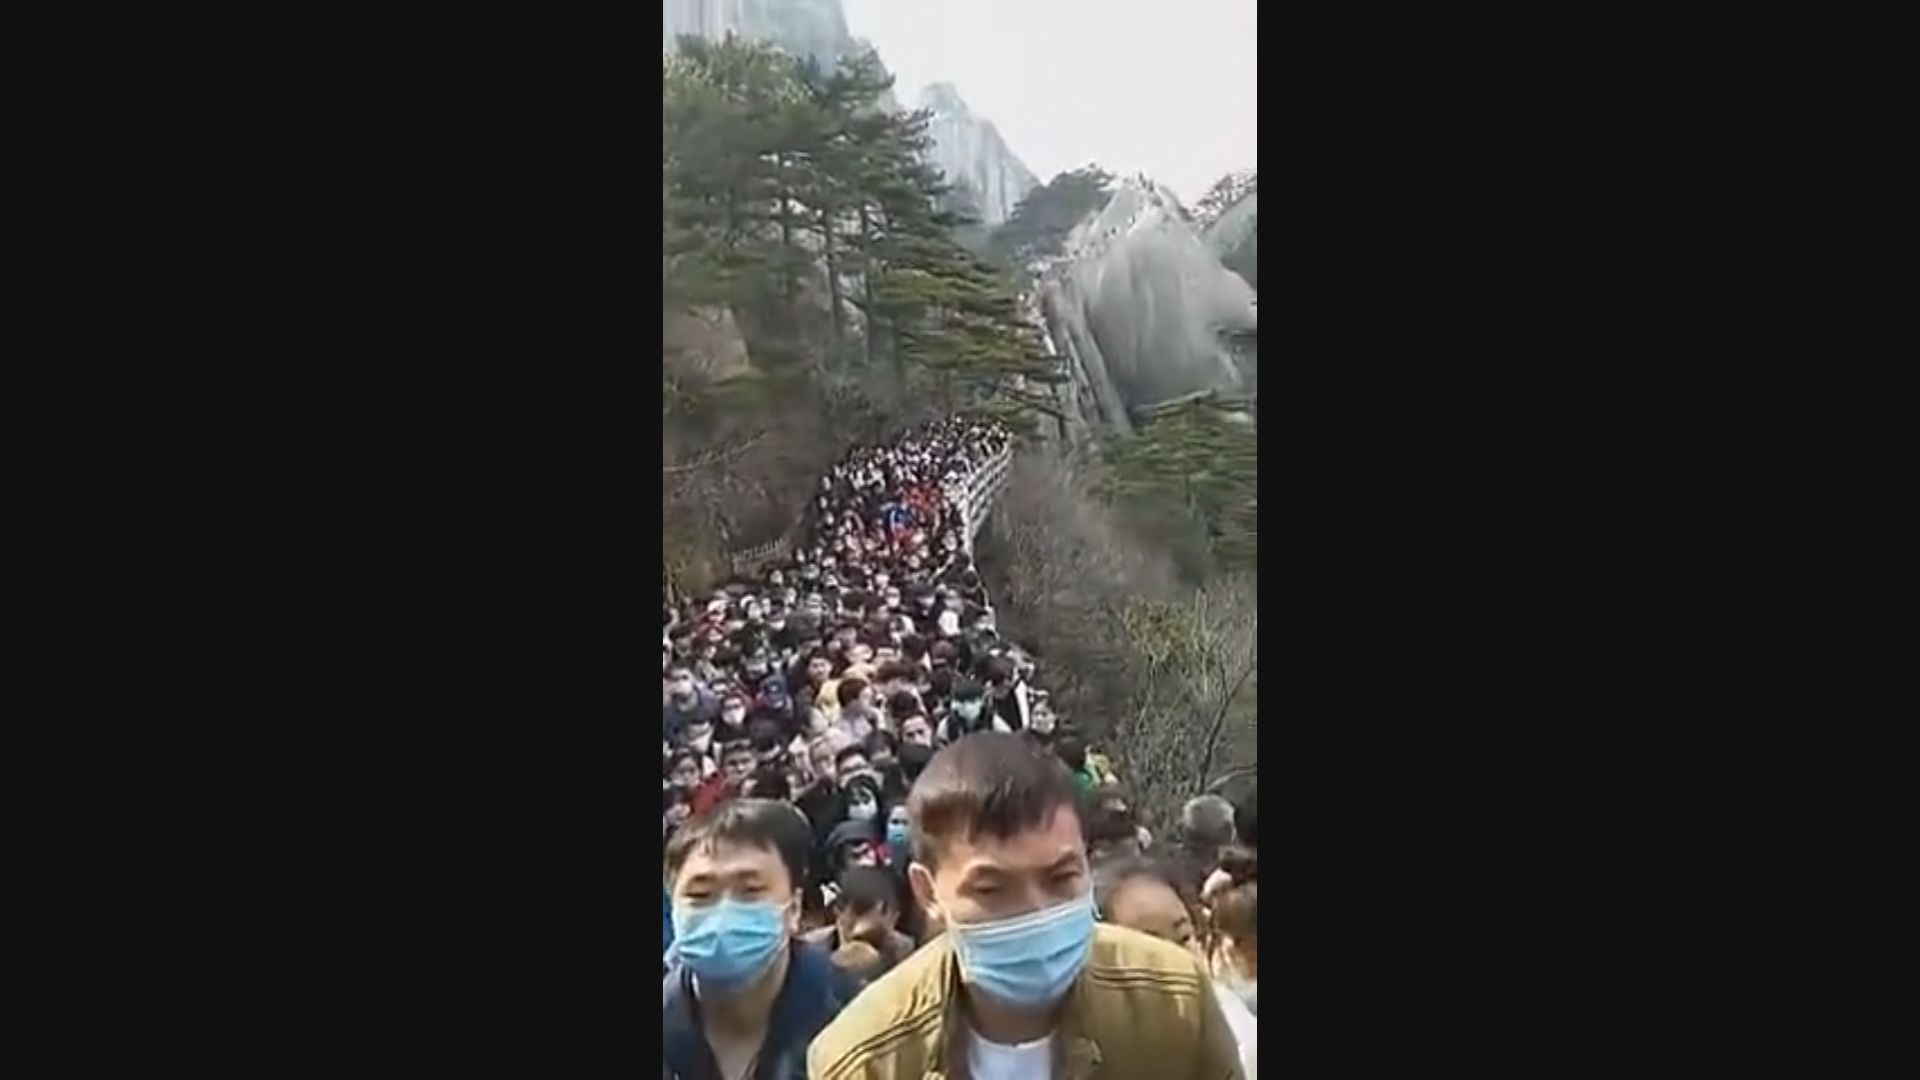 中國旅遊景區重開 遊客蜂擁而至